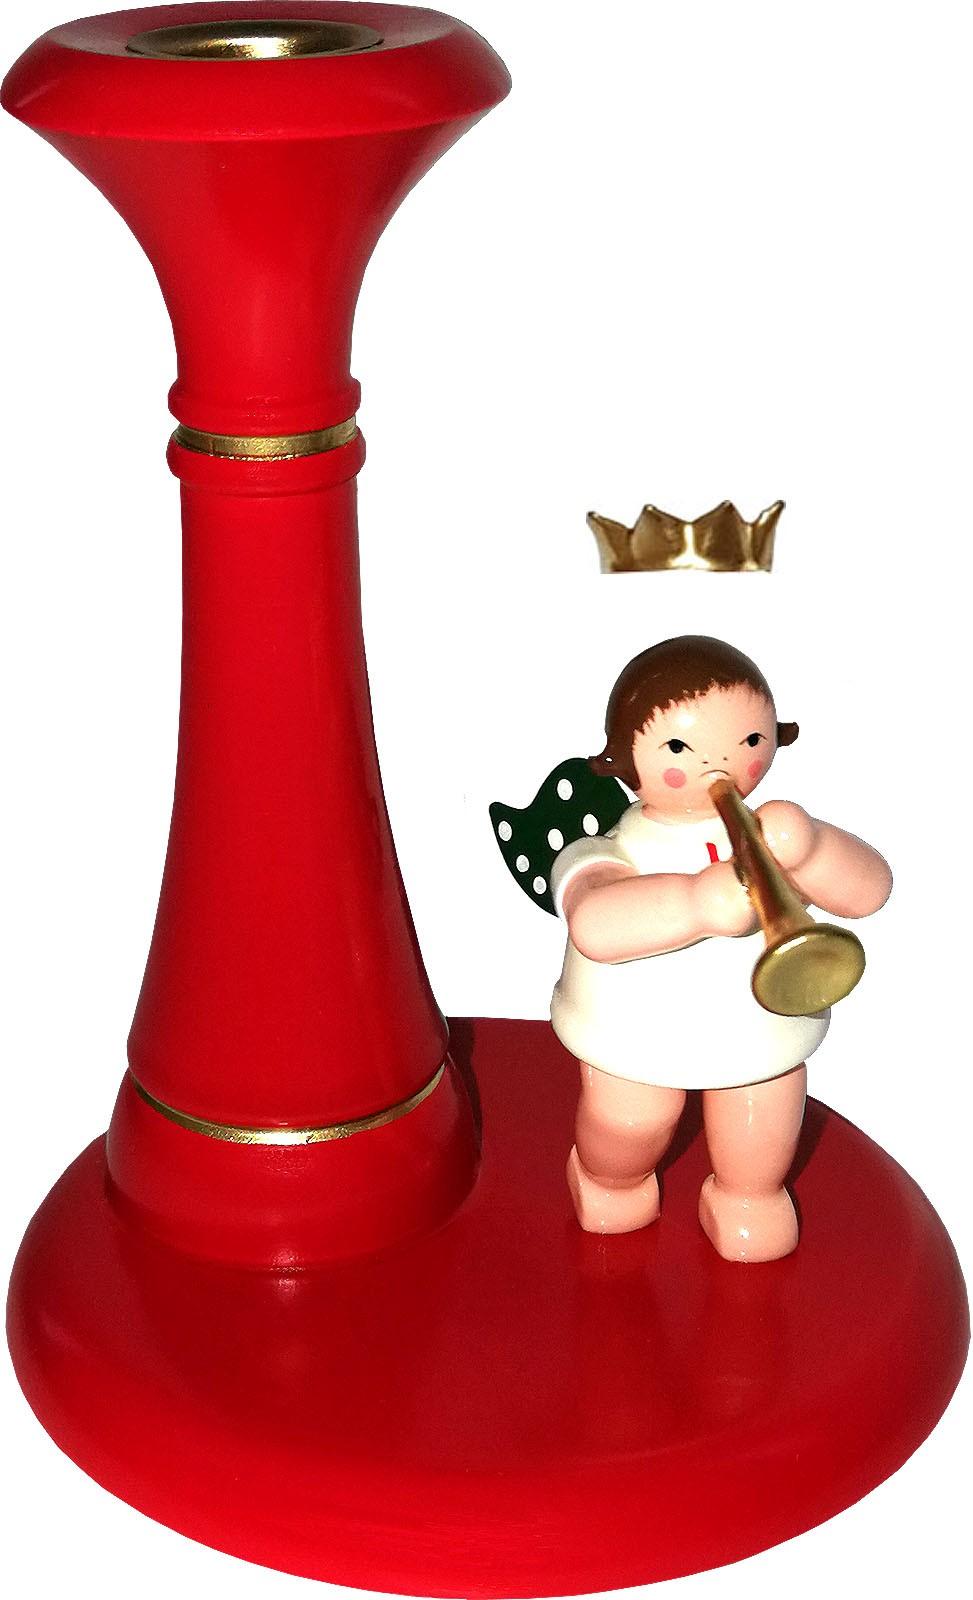 Kerzenhalter, rot - Engel stehend, mit Krone